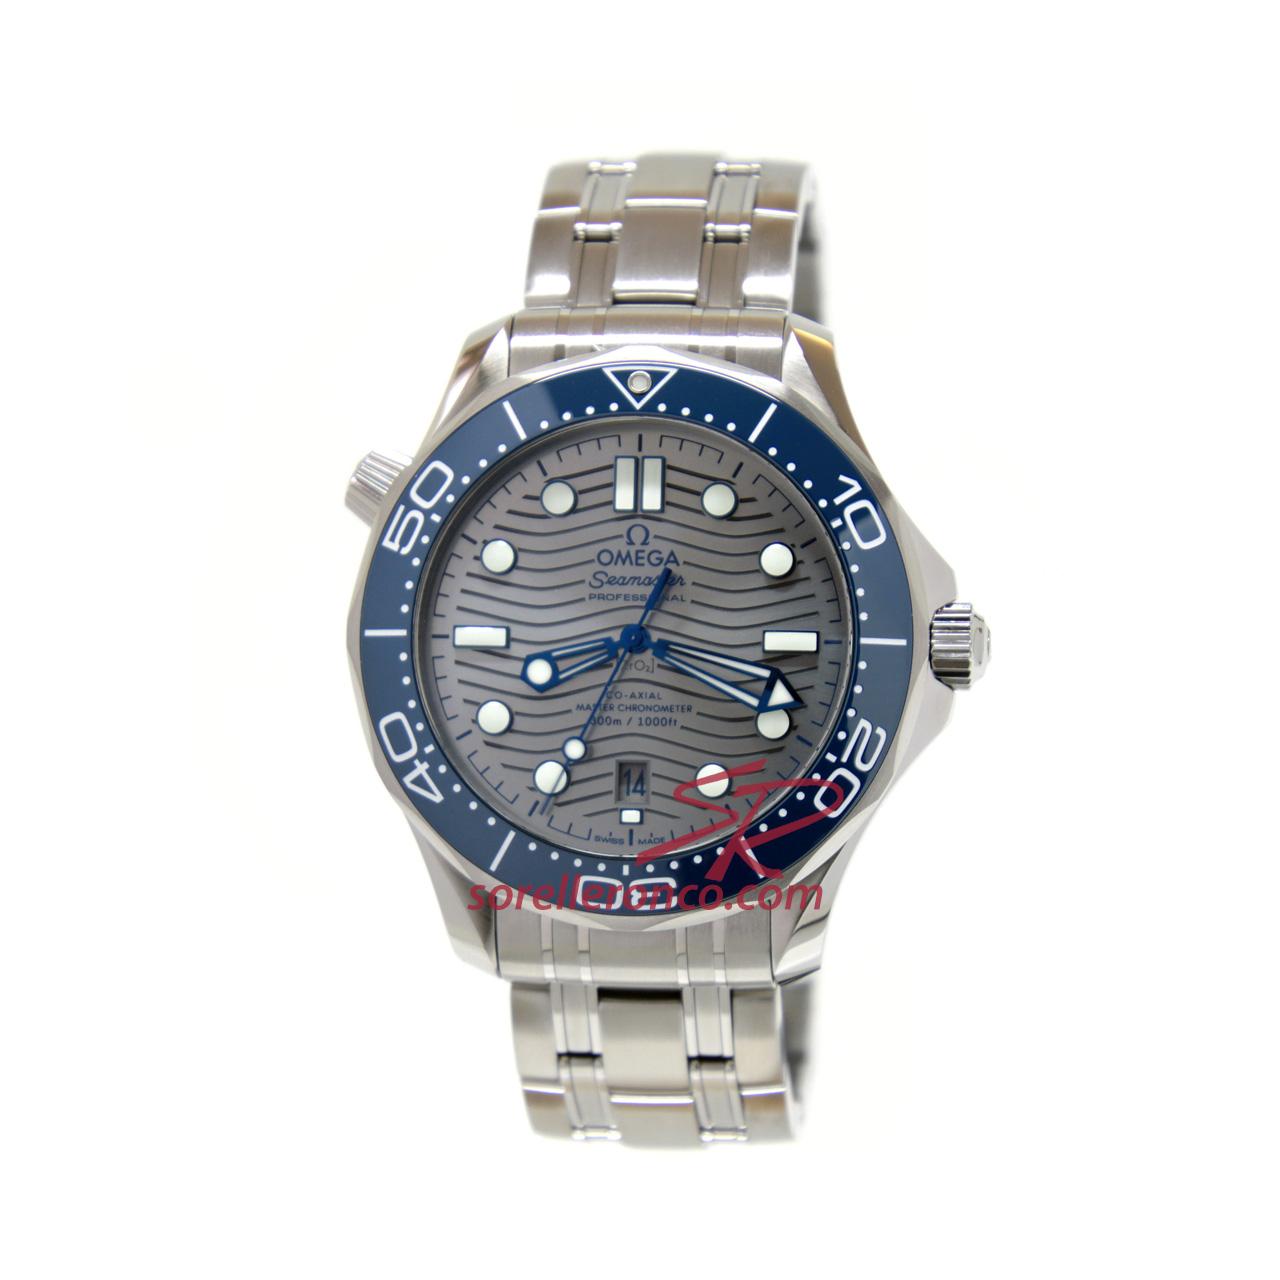 Seamaster Diver Grigio Danile Craig 007